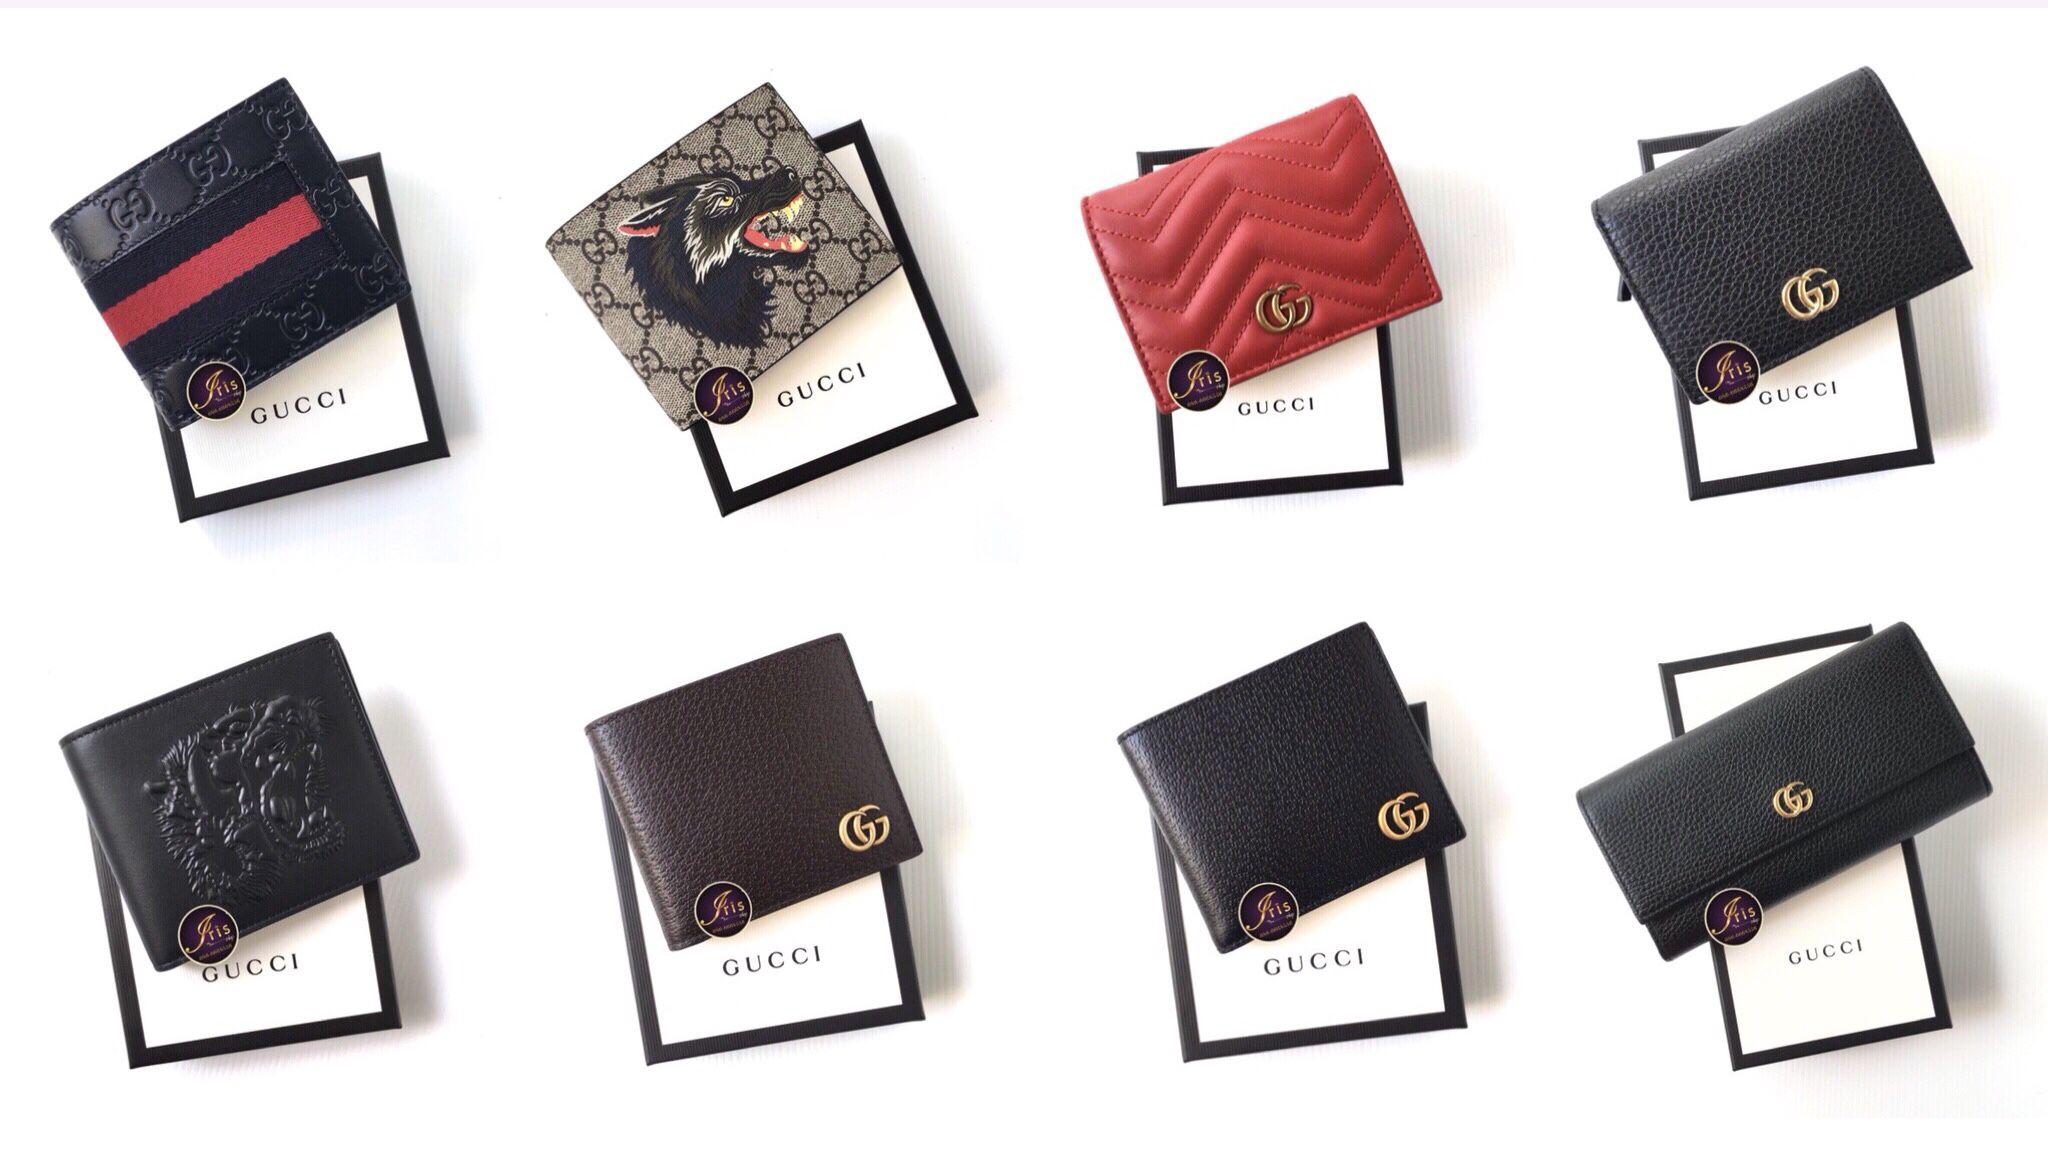 กระเป๋าสตางค์ GUCCI WALLET FOR MALE & FEMALE รวมรุ่น สวยๆทั้งนั้น ของใหม่  พร้อมส่ง!!! - Iris Shop   กระเป๋าสตางค์